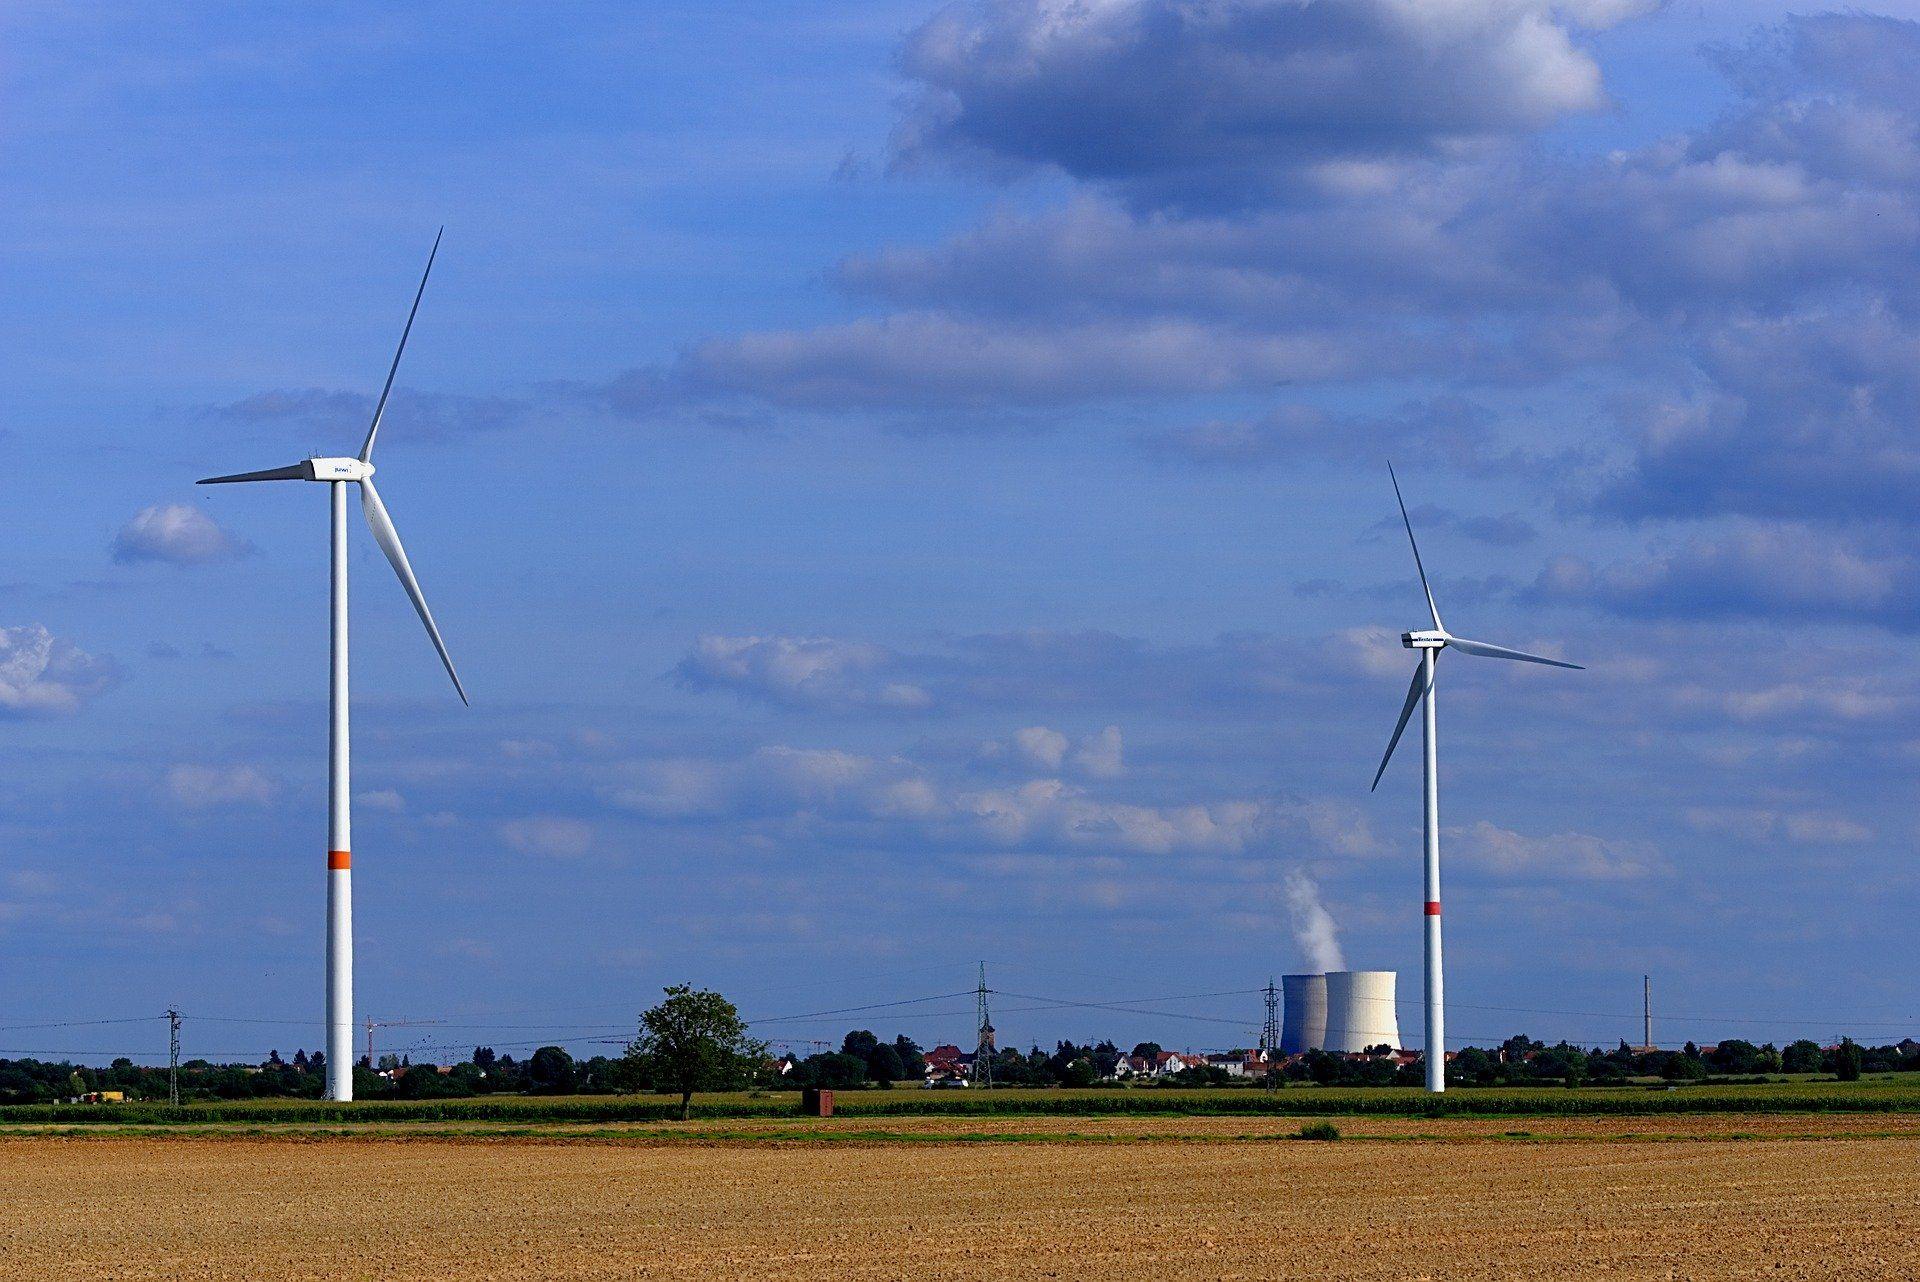 Infraschall von Windenergieanlagen keine Gesundheitsgefährdung